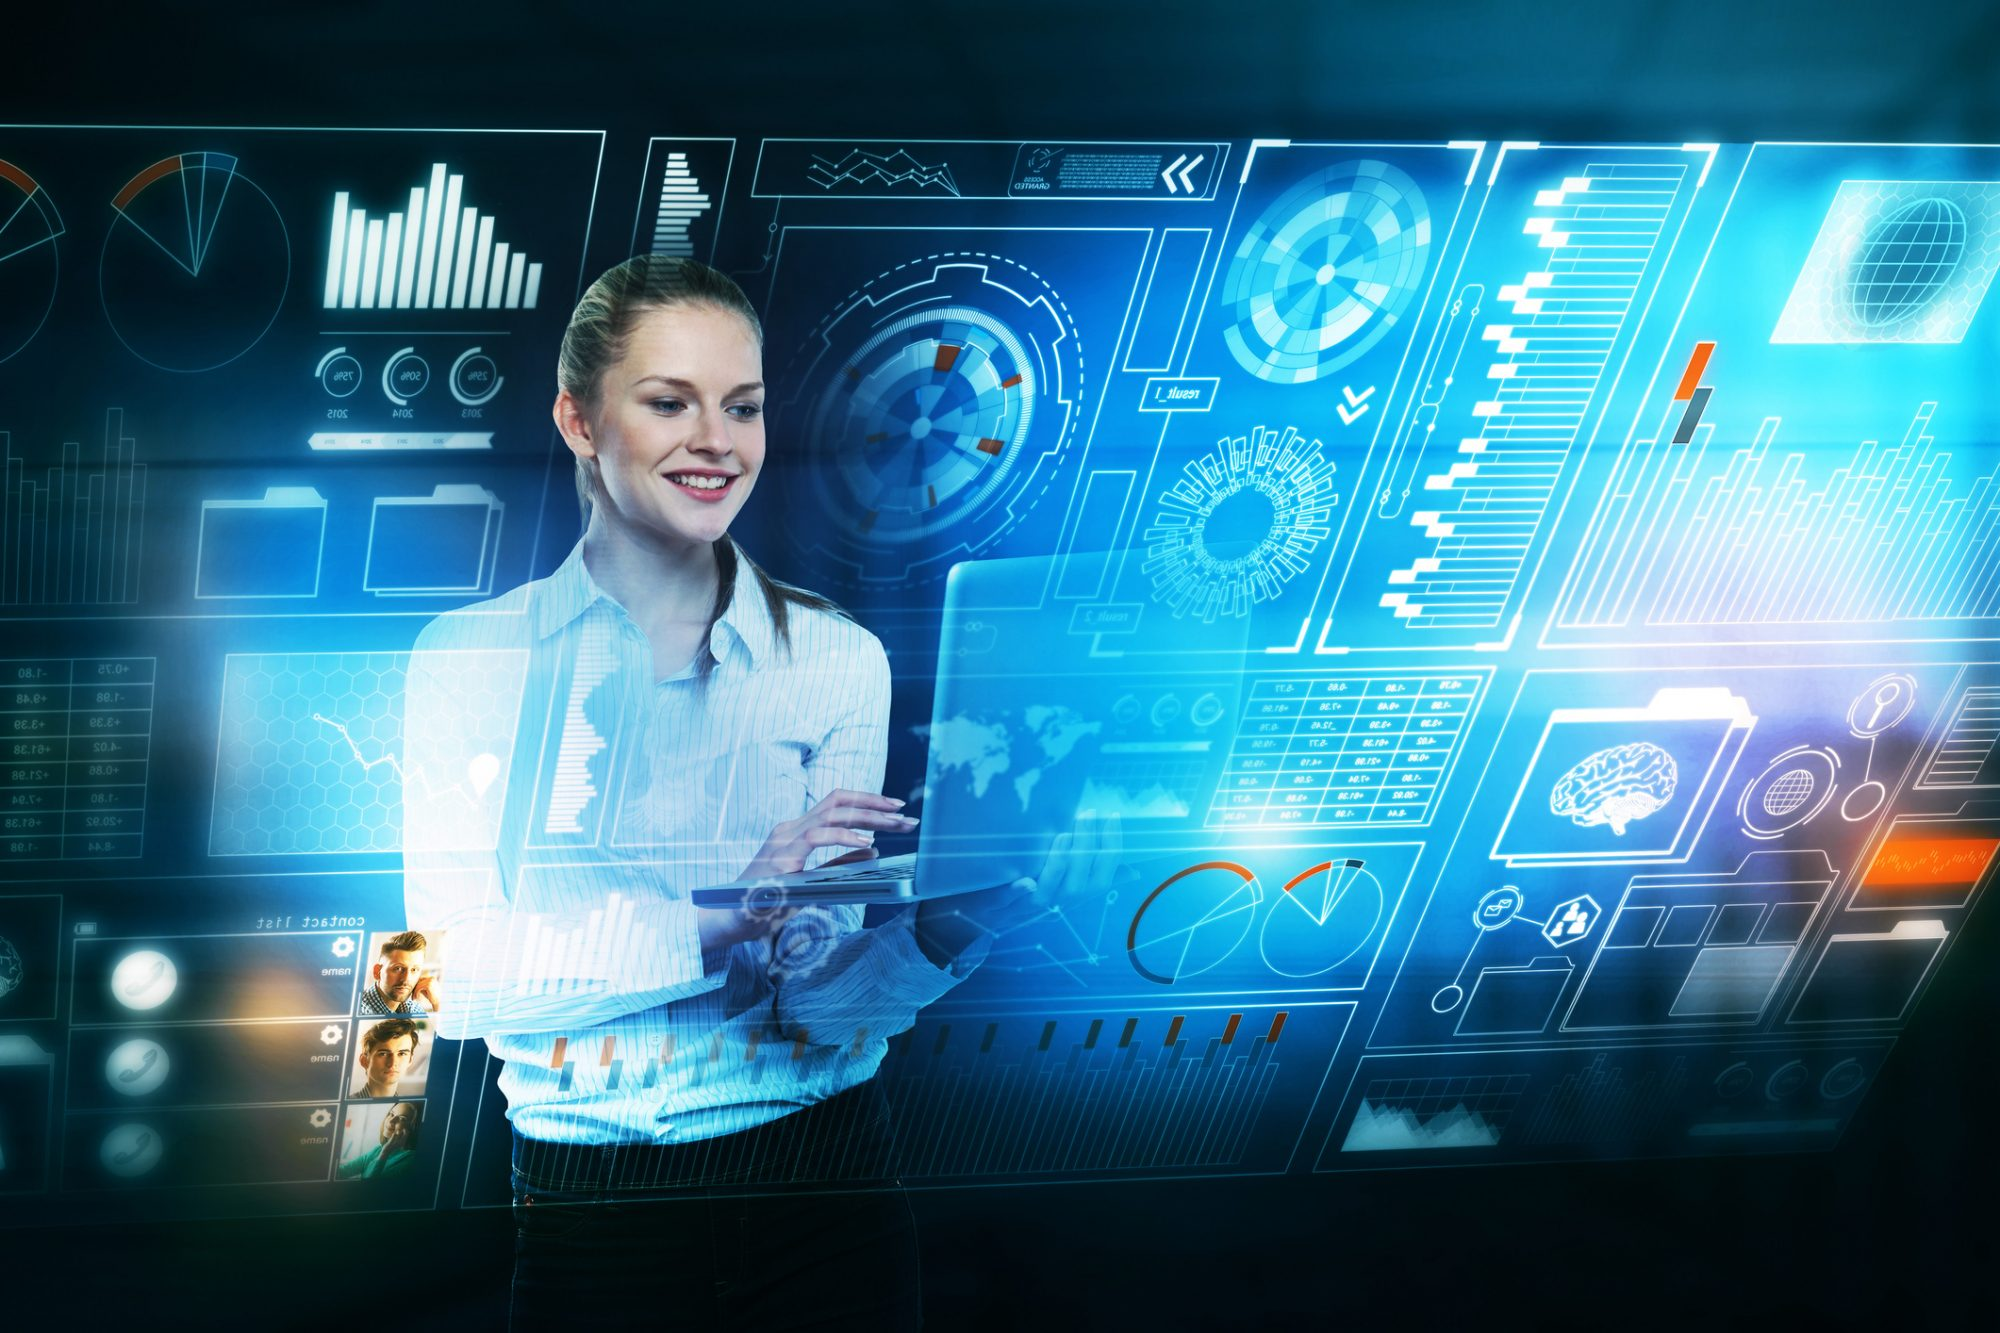 Frau nutzt Prozessautomatisierung mit Robotics im Firmengeschäft